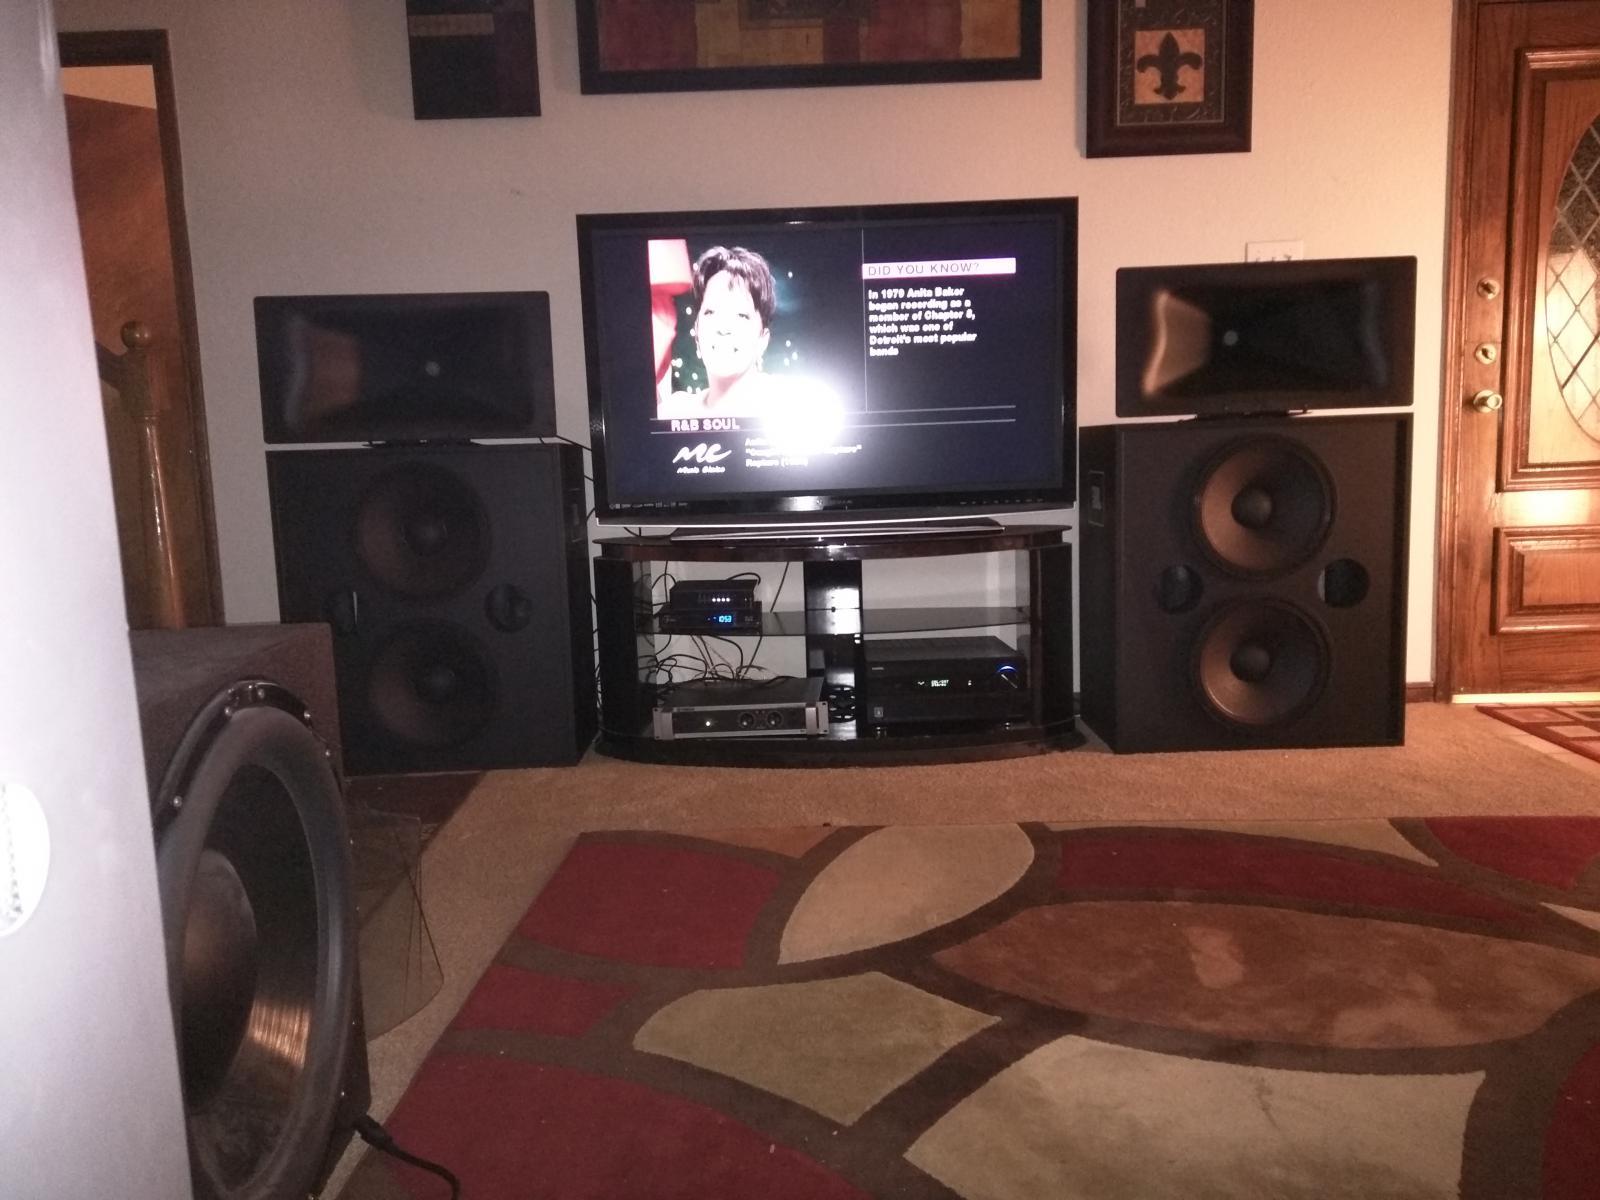 JBL 4722N Speakers Austin, Texas $1500 - Garage Sale - The Klipsch